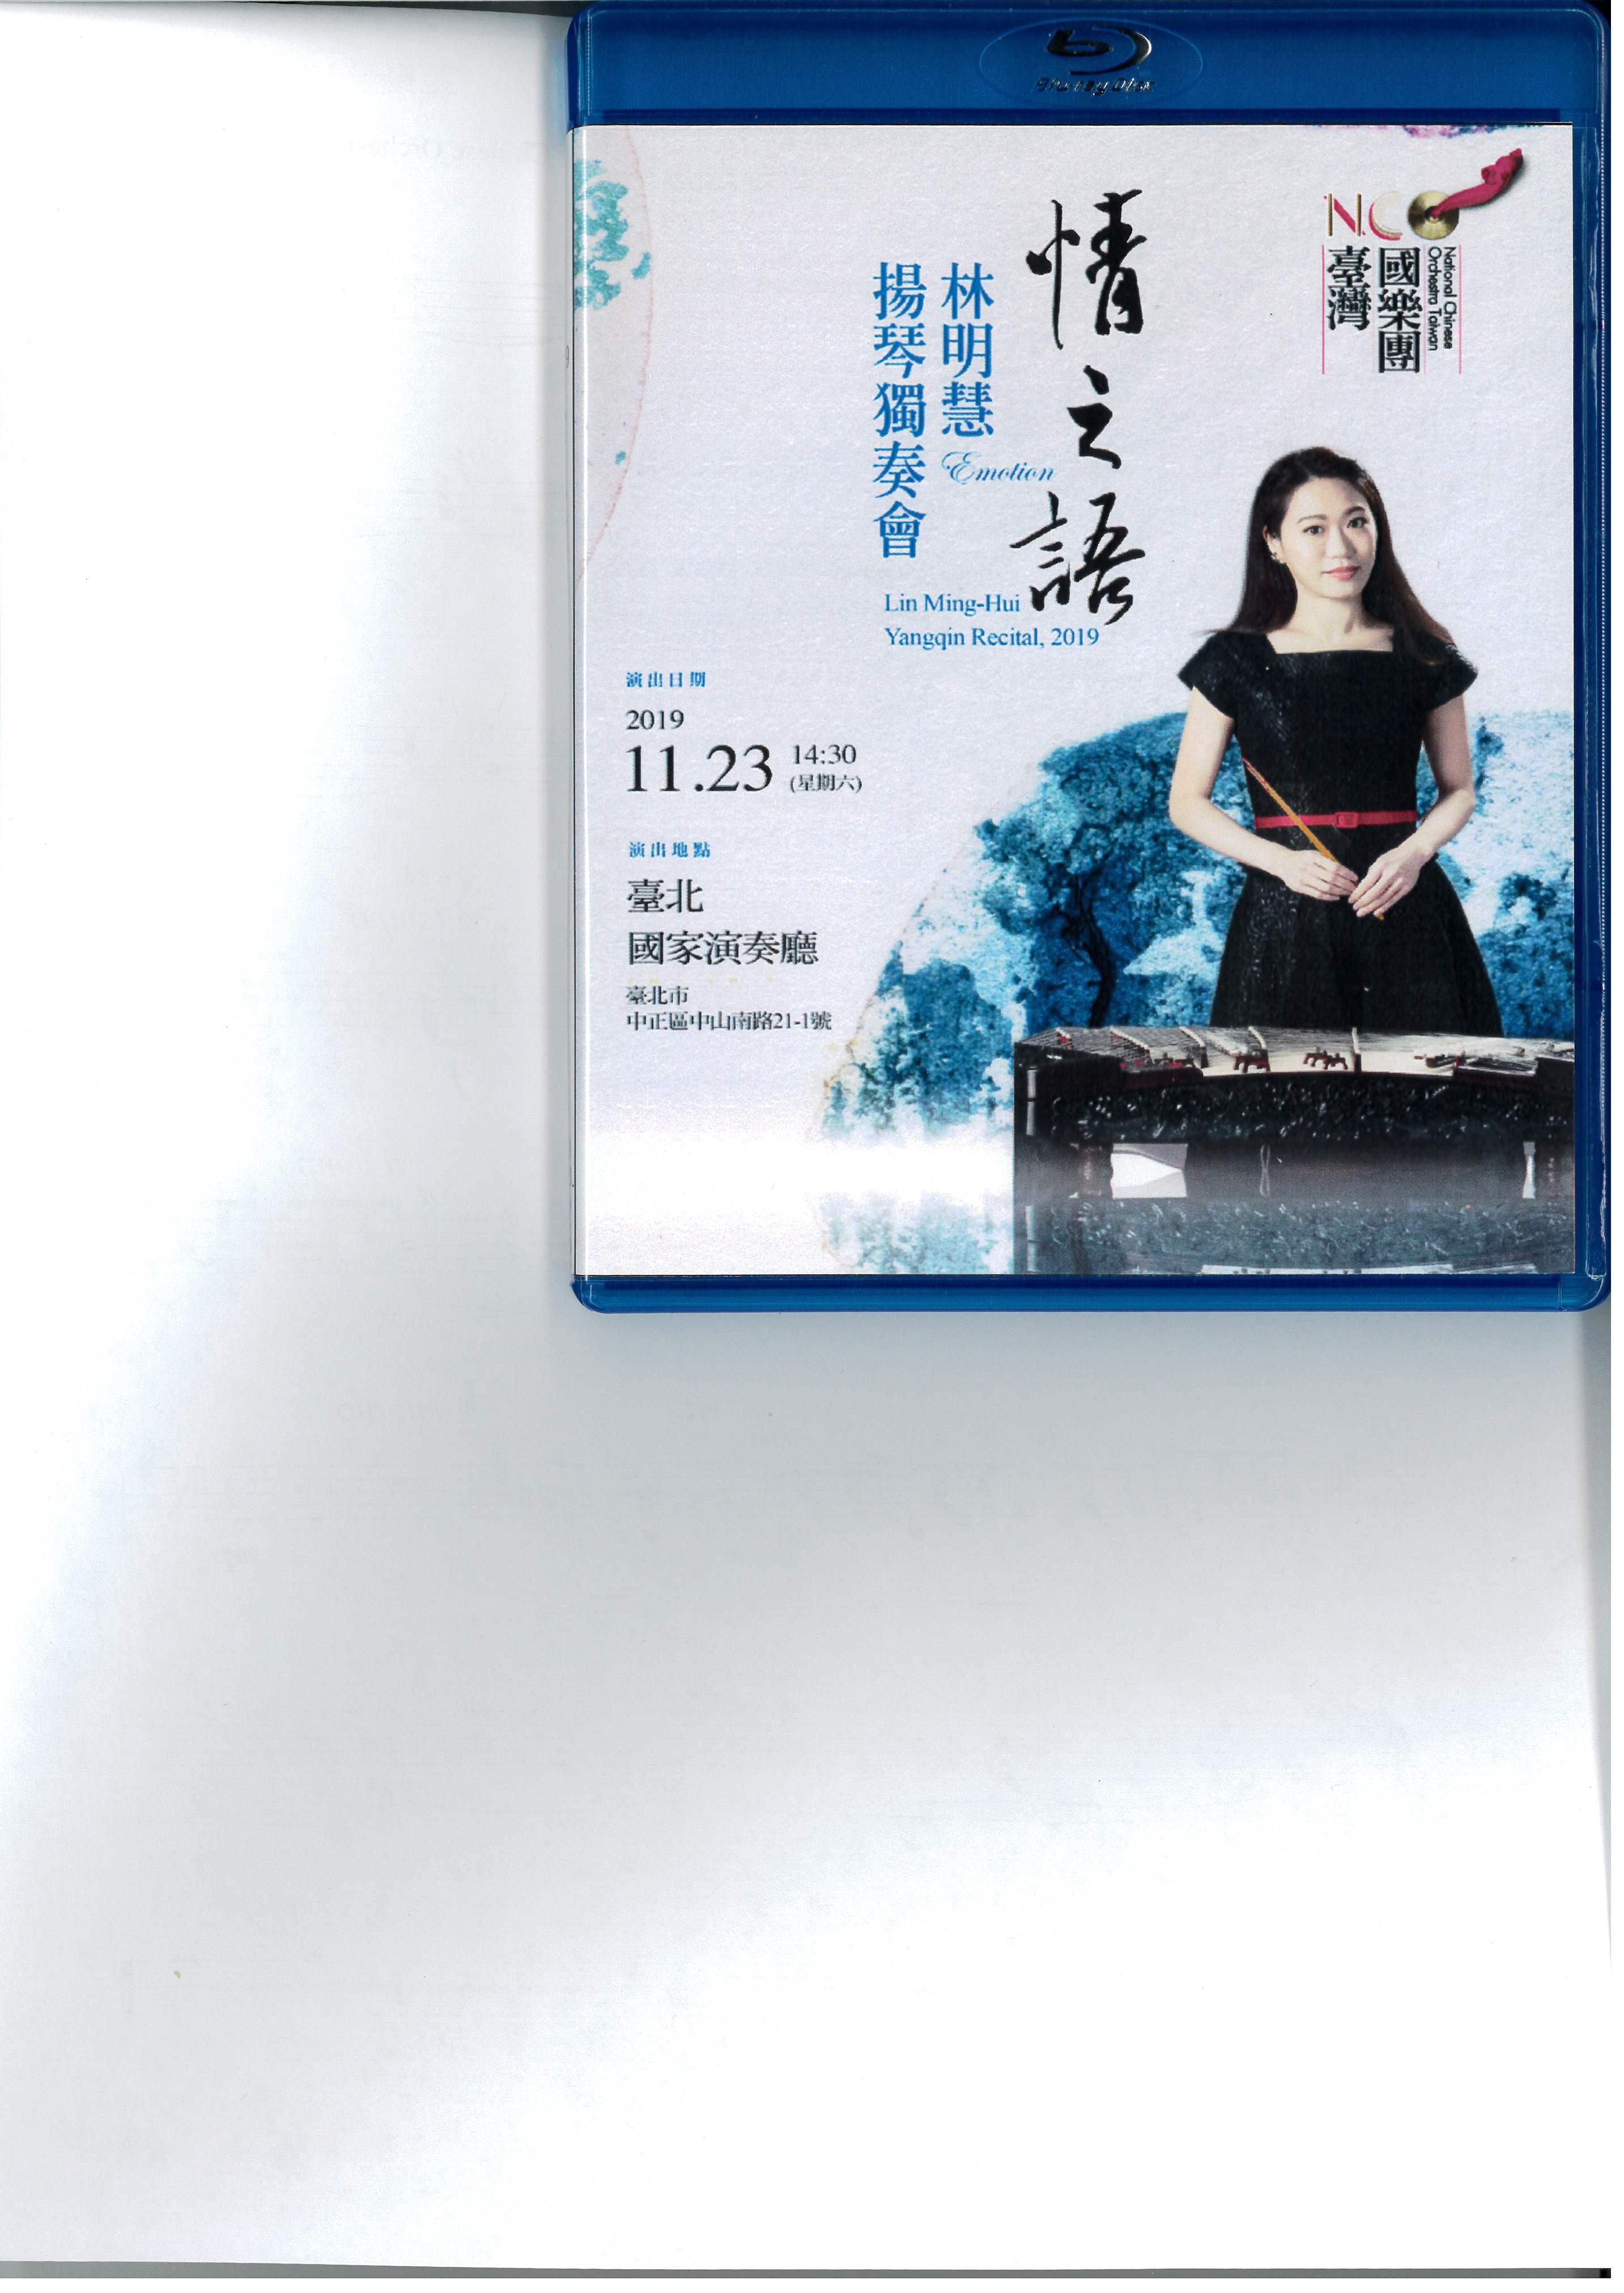 2019 臺灣國樂團 【情之語】 林明慧揚琴獨奏會 《序曲》